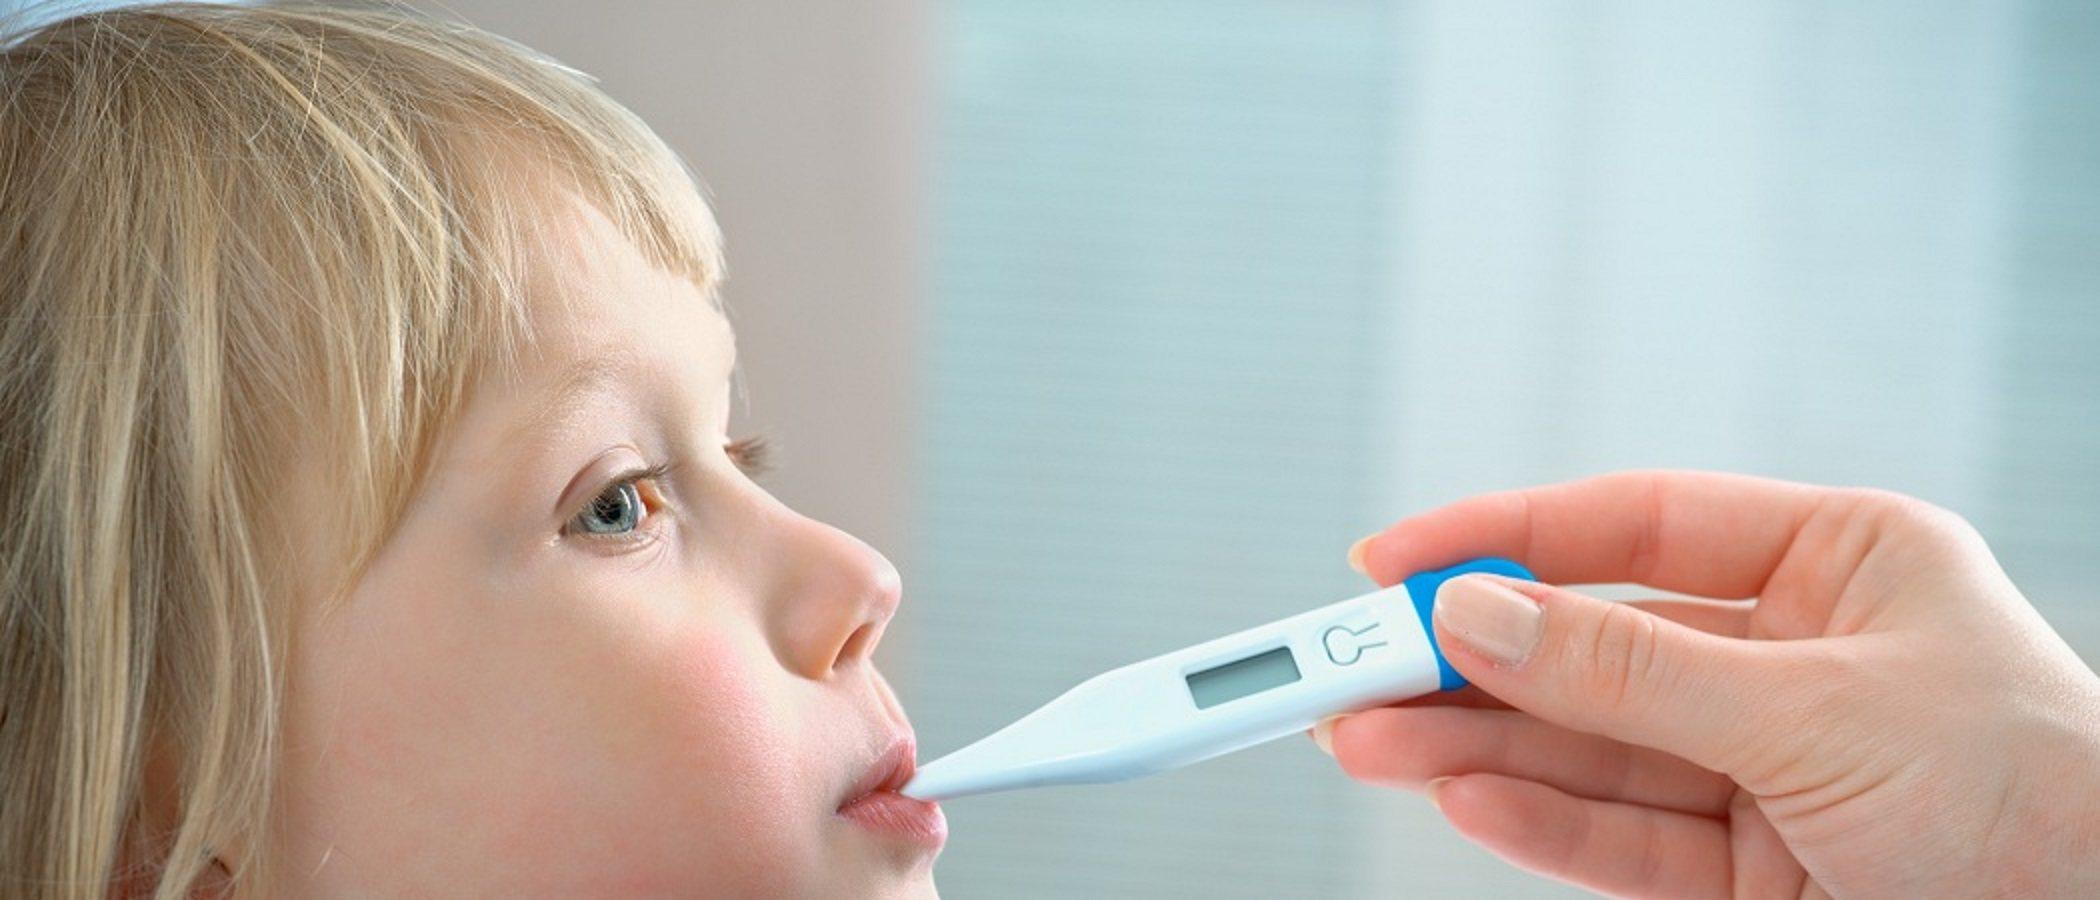 Acetona, ¿qué es y cómo afecta a los niños?